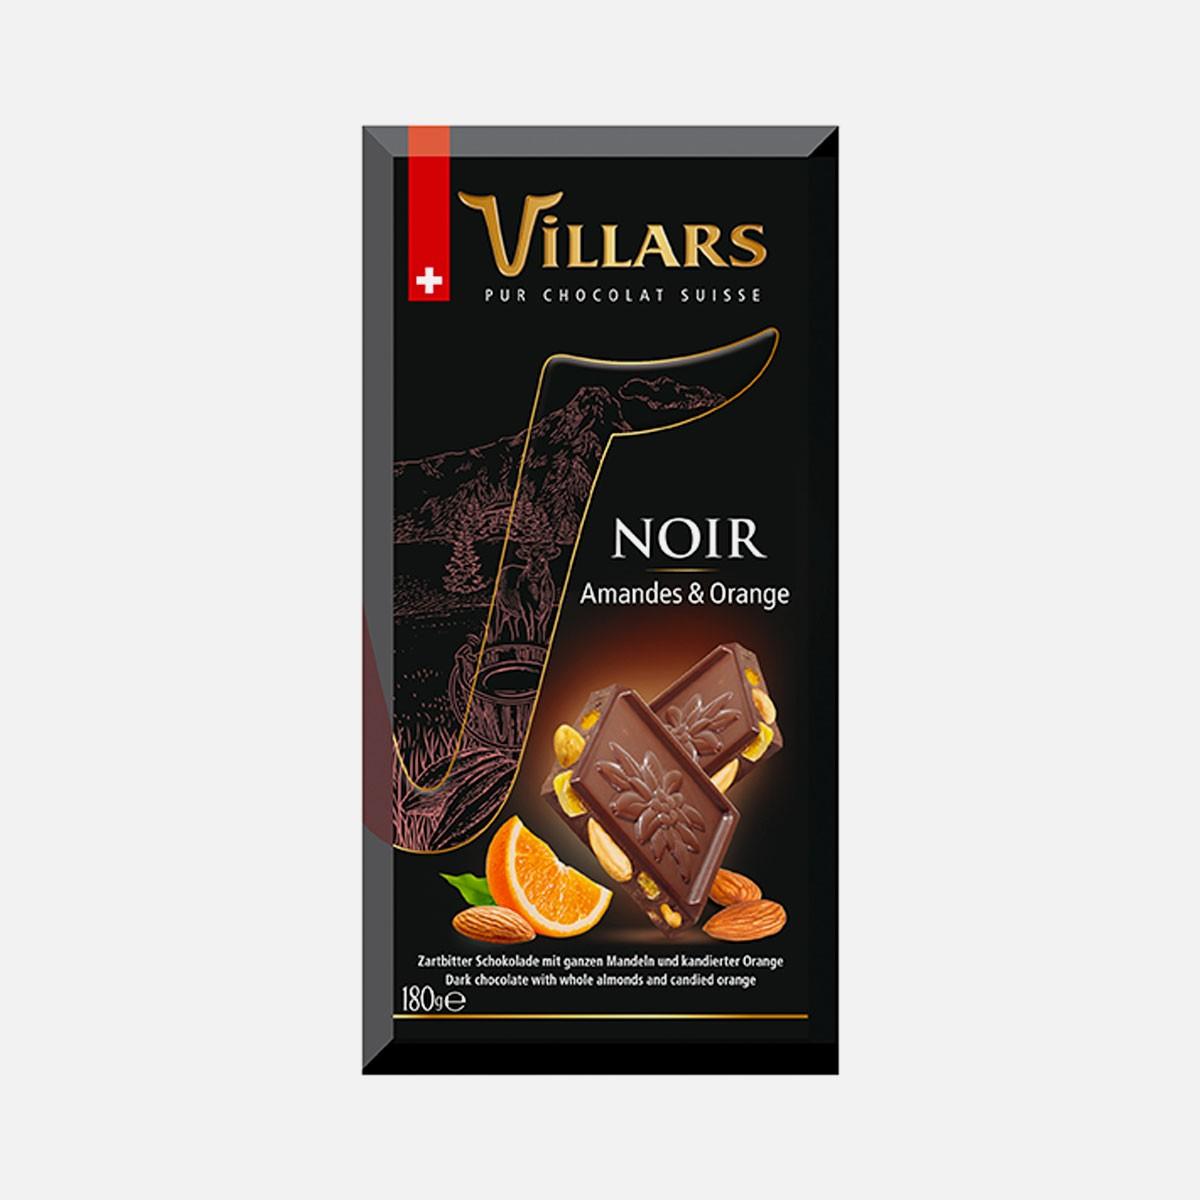 VILLARS Noir Amandes & Orange